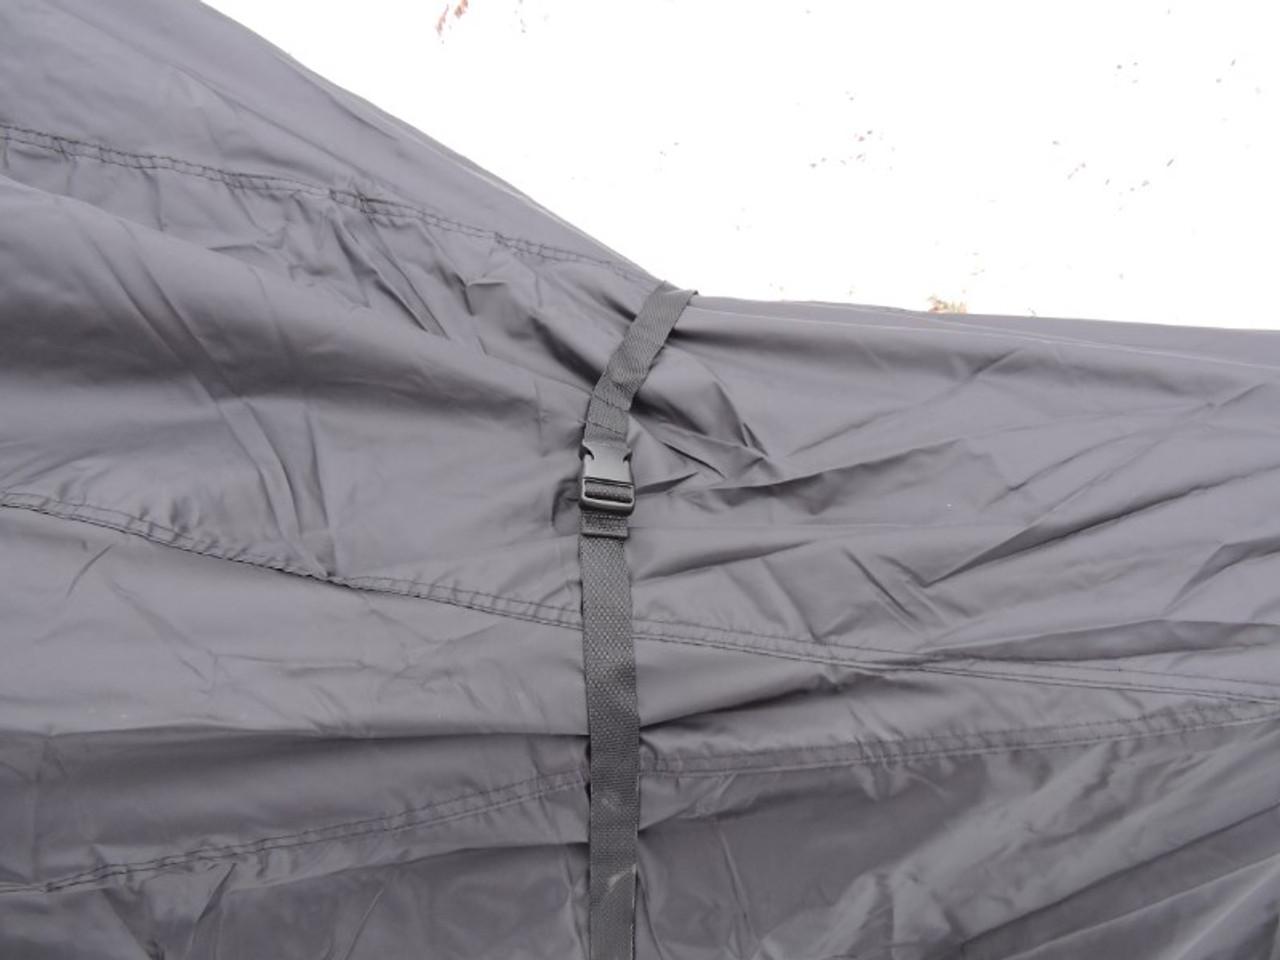 Advantage snowmobile cover center strap